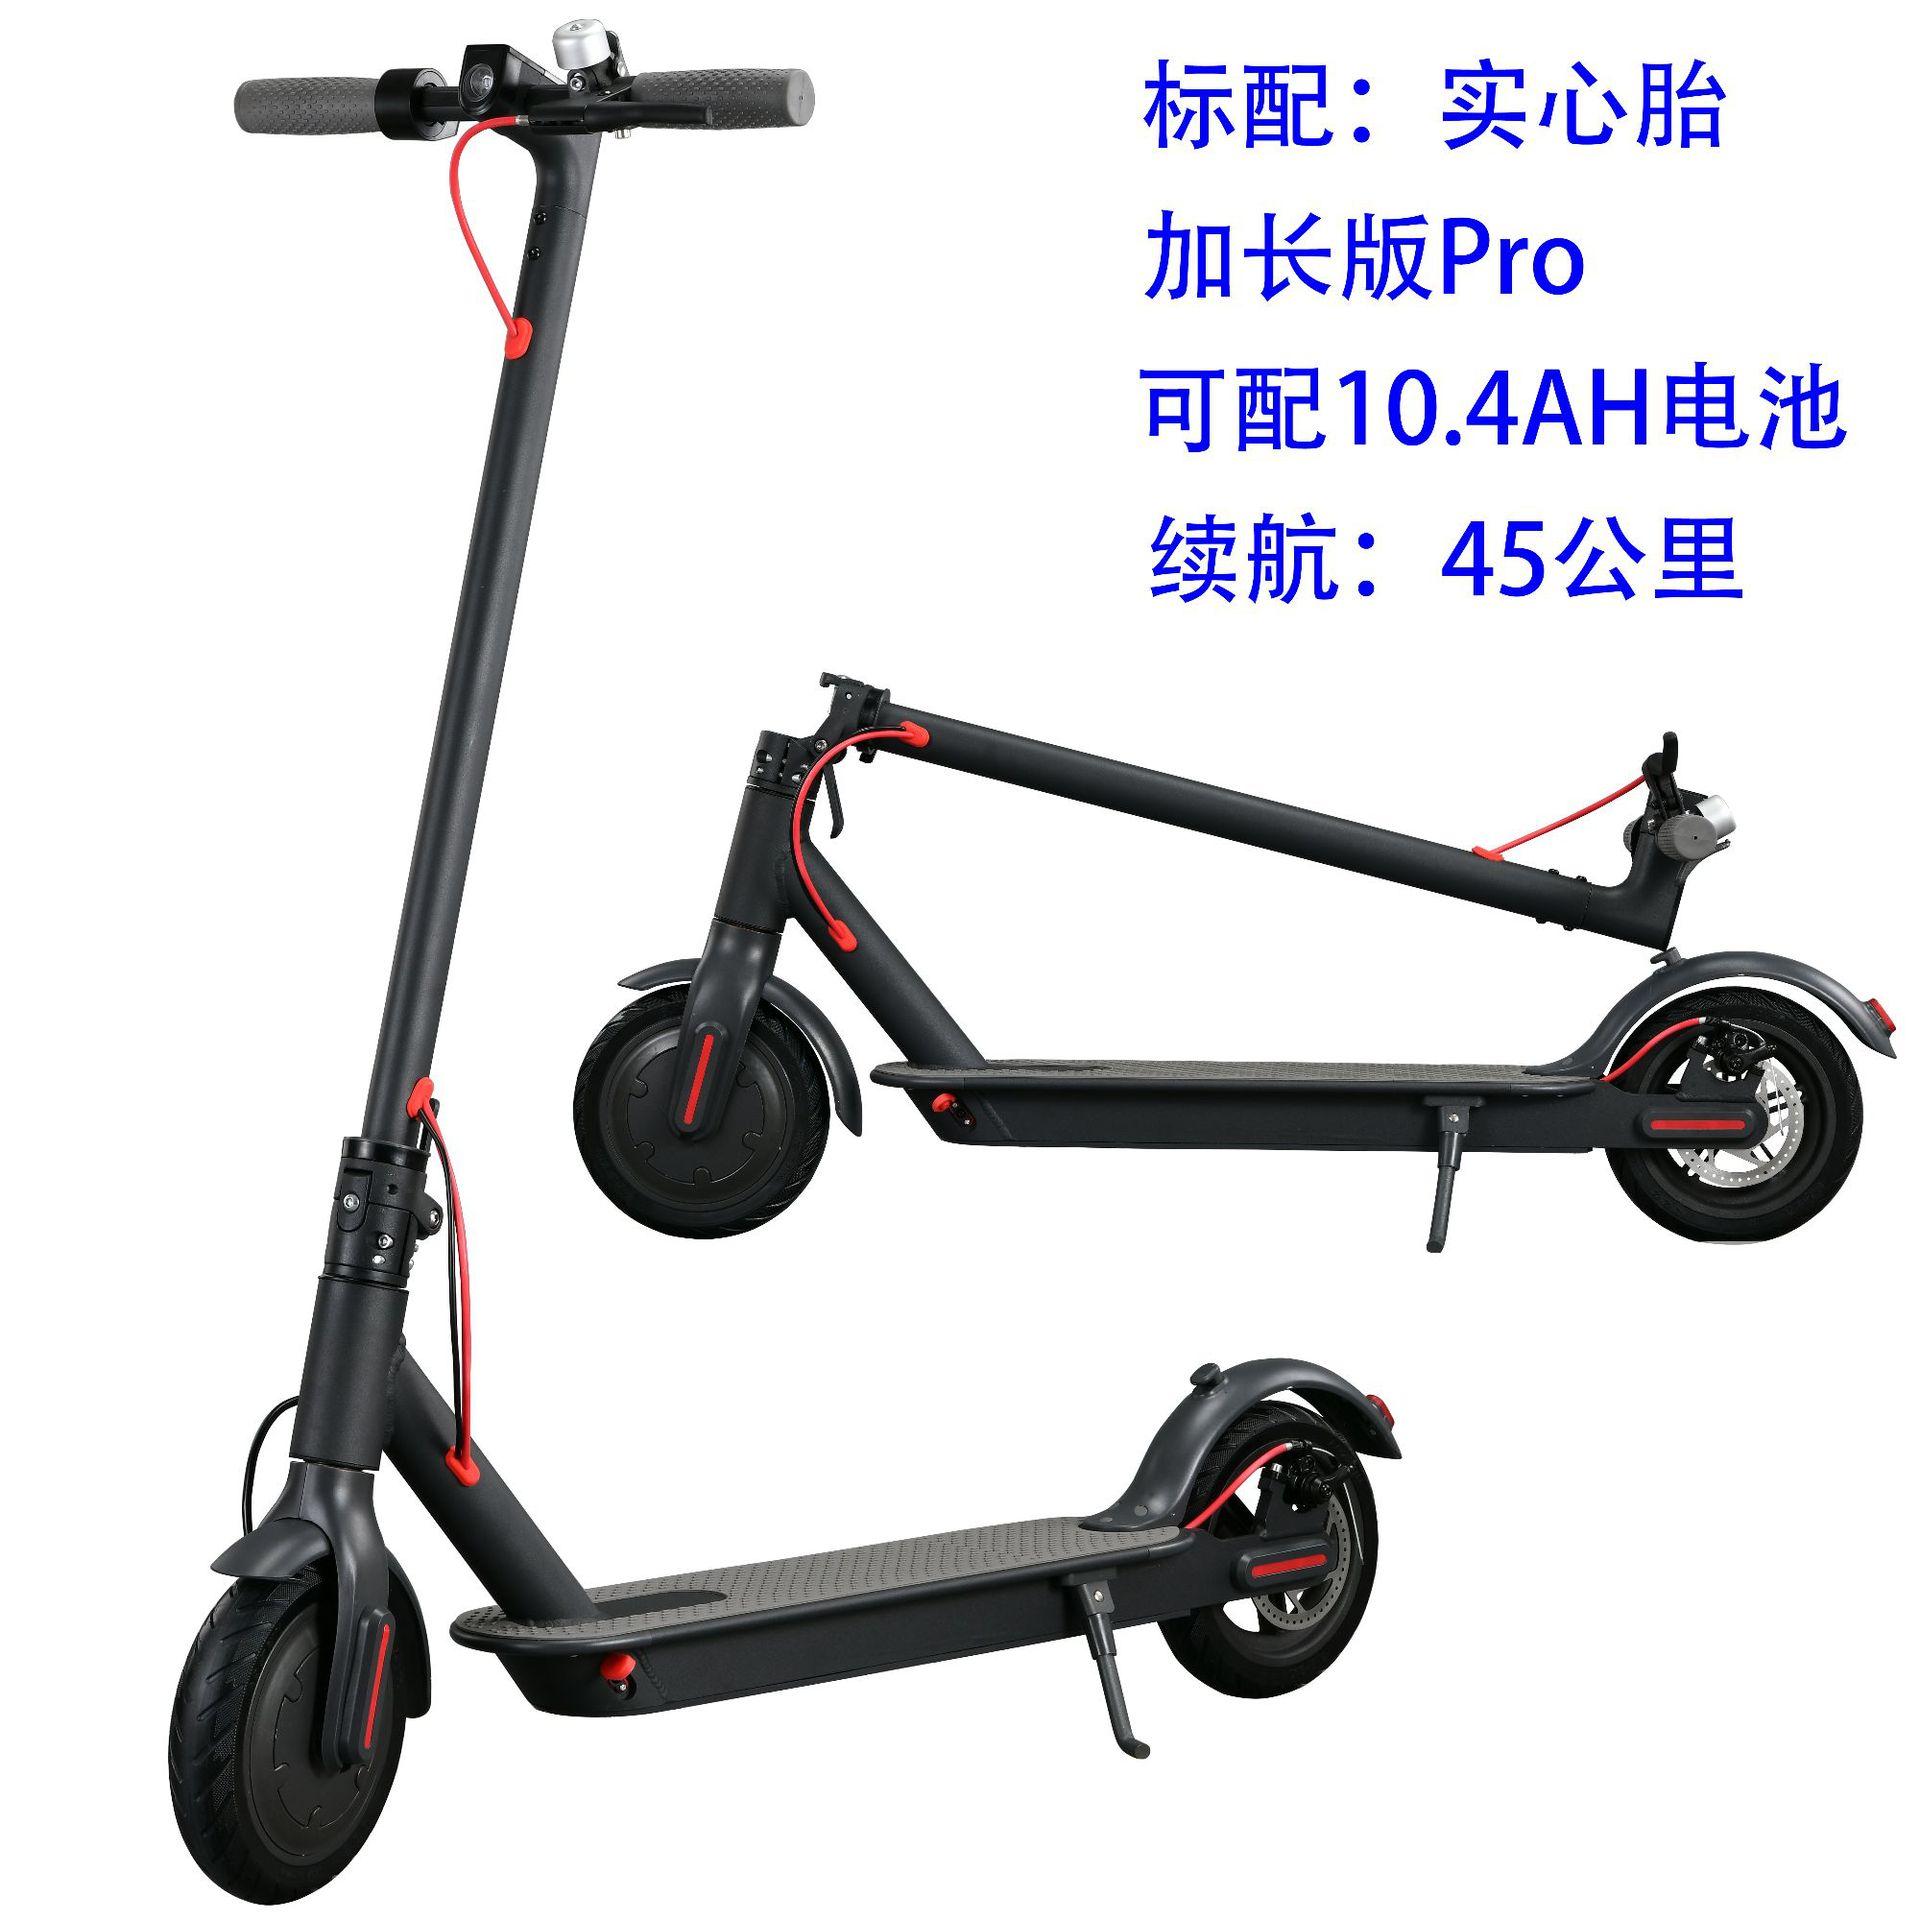 厂家直销小米同款电动滑板车pro m365两轮8.5寸折叠迷你代步车-